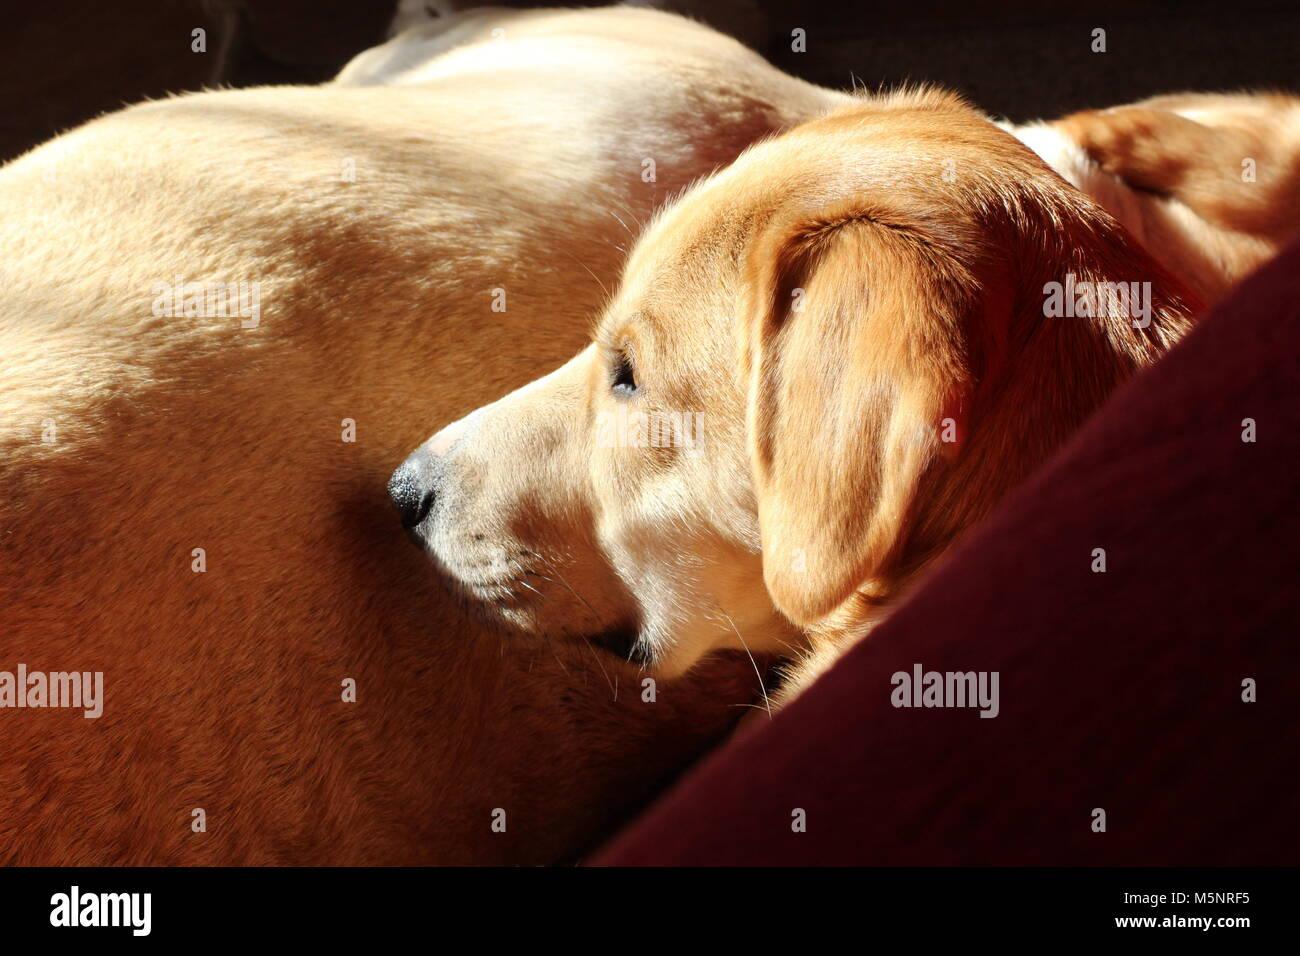 Dogs enjoying sunshine indoors - Stock Image